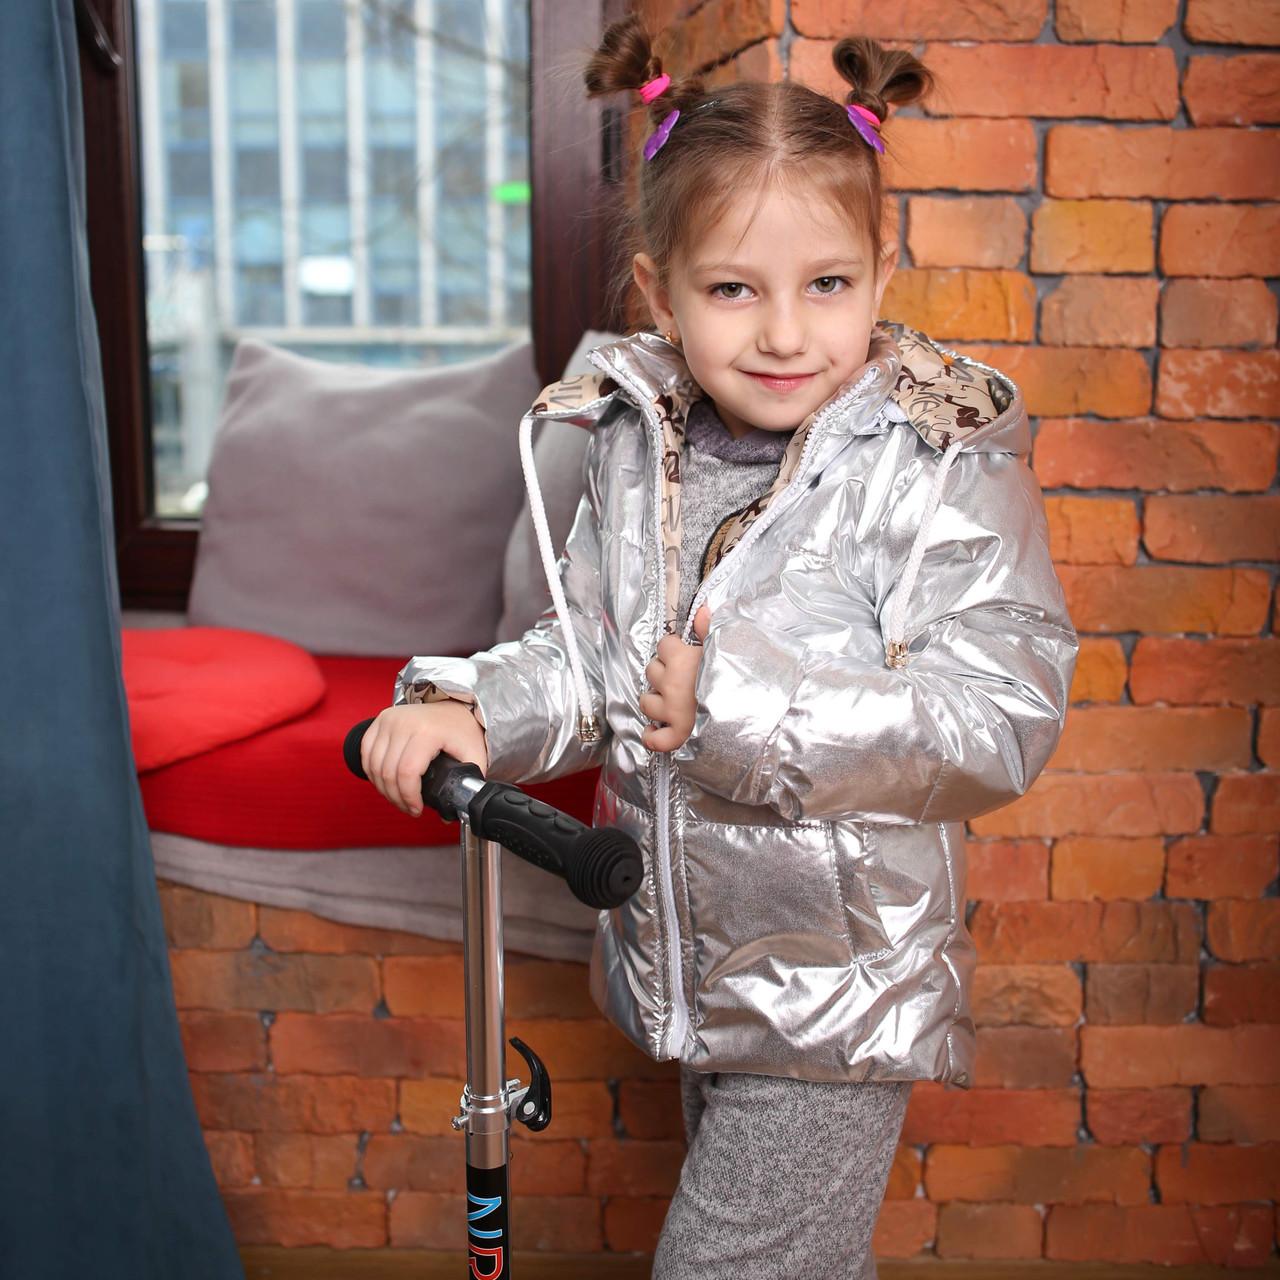 Серебристая детская куртка со съемным капюшоном весенняя Новинка Модель 2019